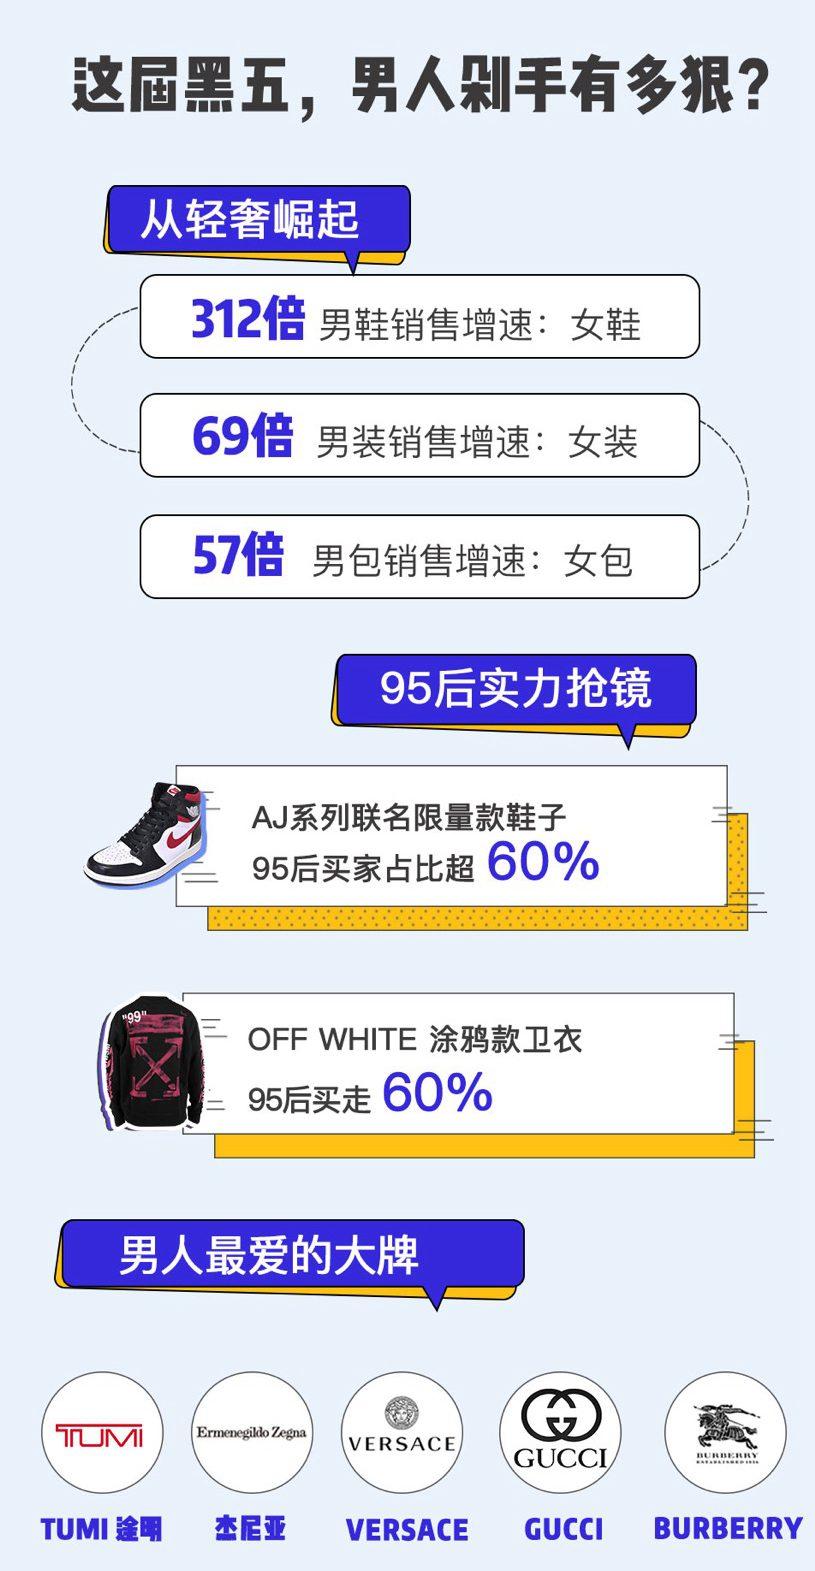 """新得利真人娱乐网,黄子韬演唱会又""""怼粉"""" 下半年将有""""超大惊喜"""""""